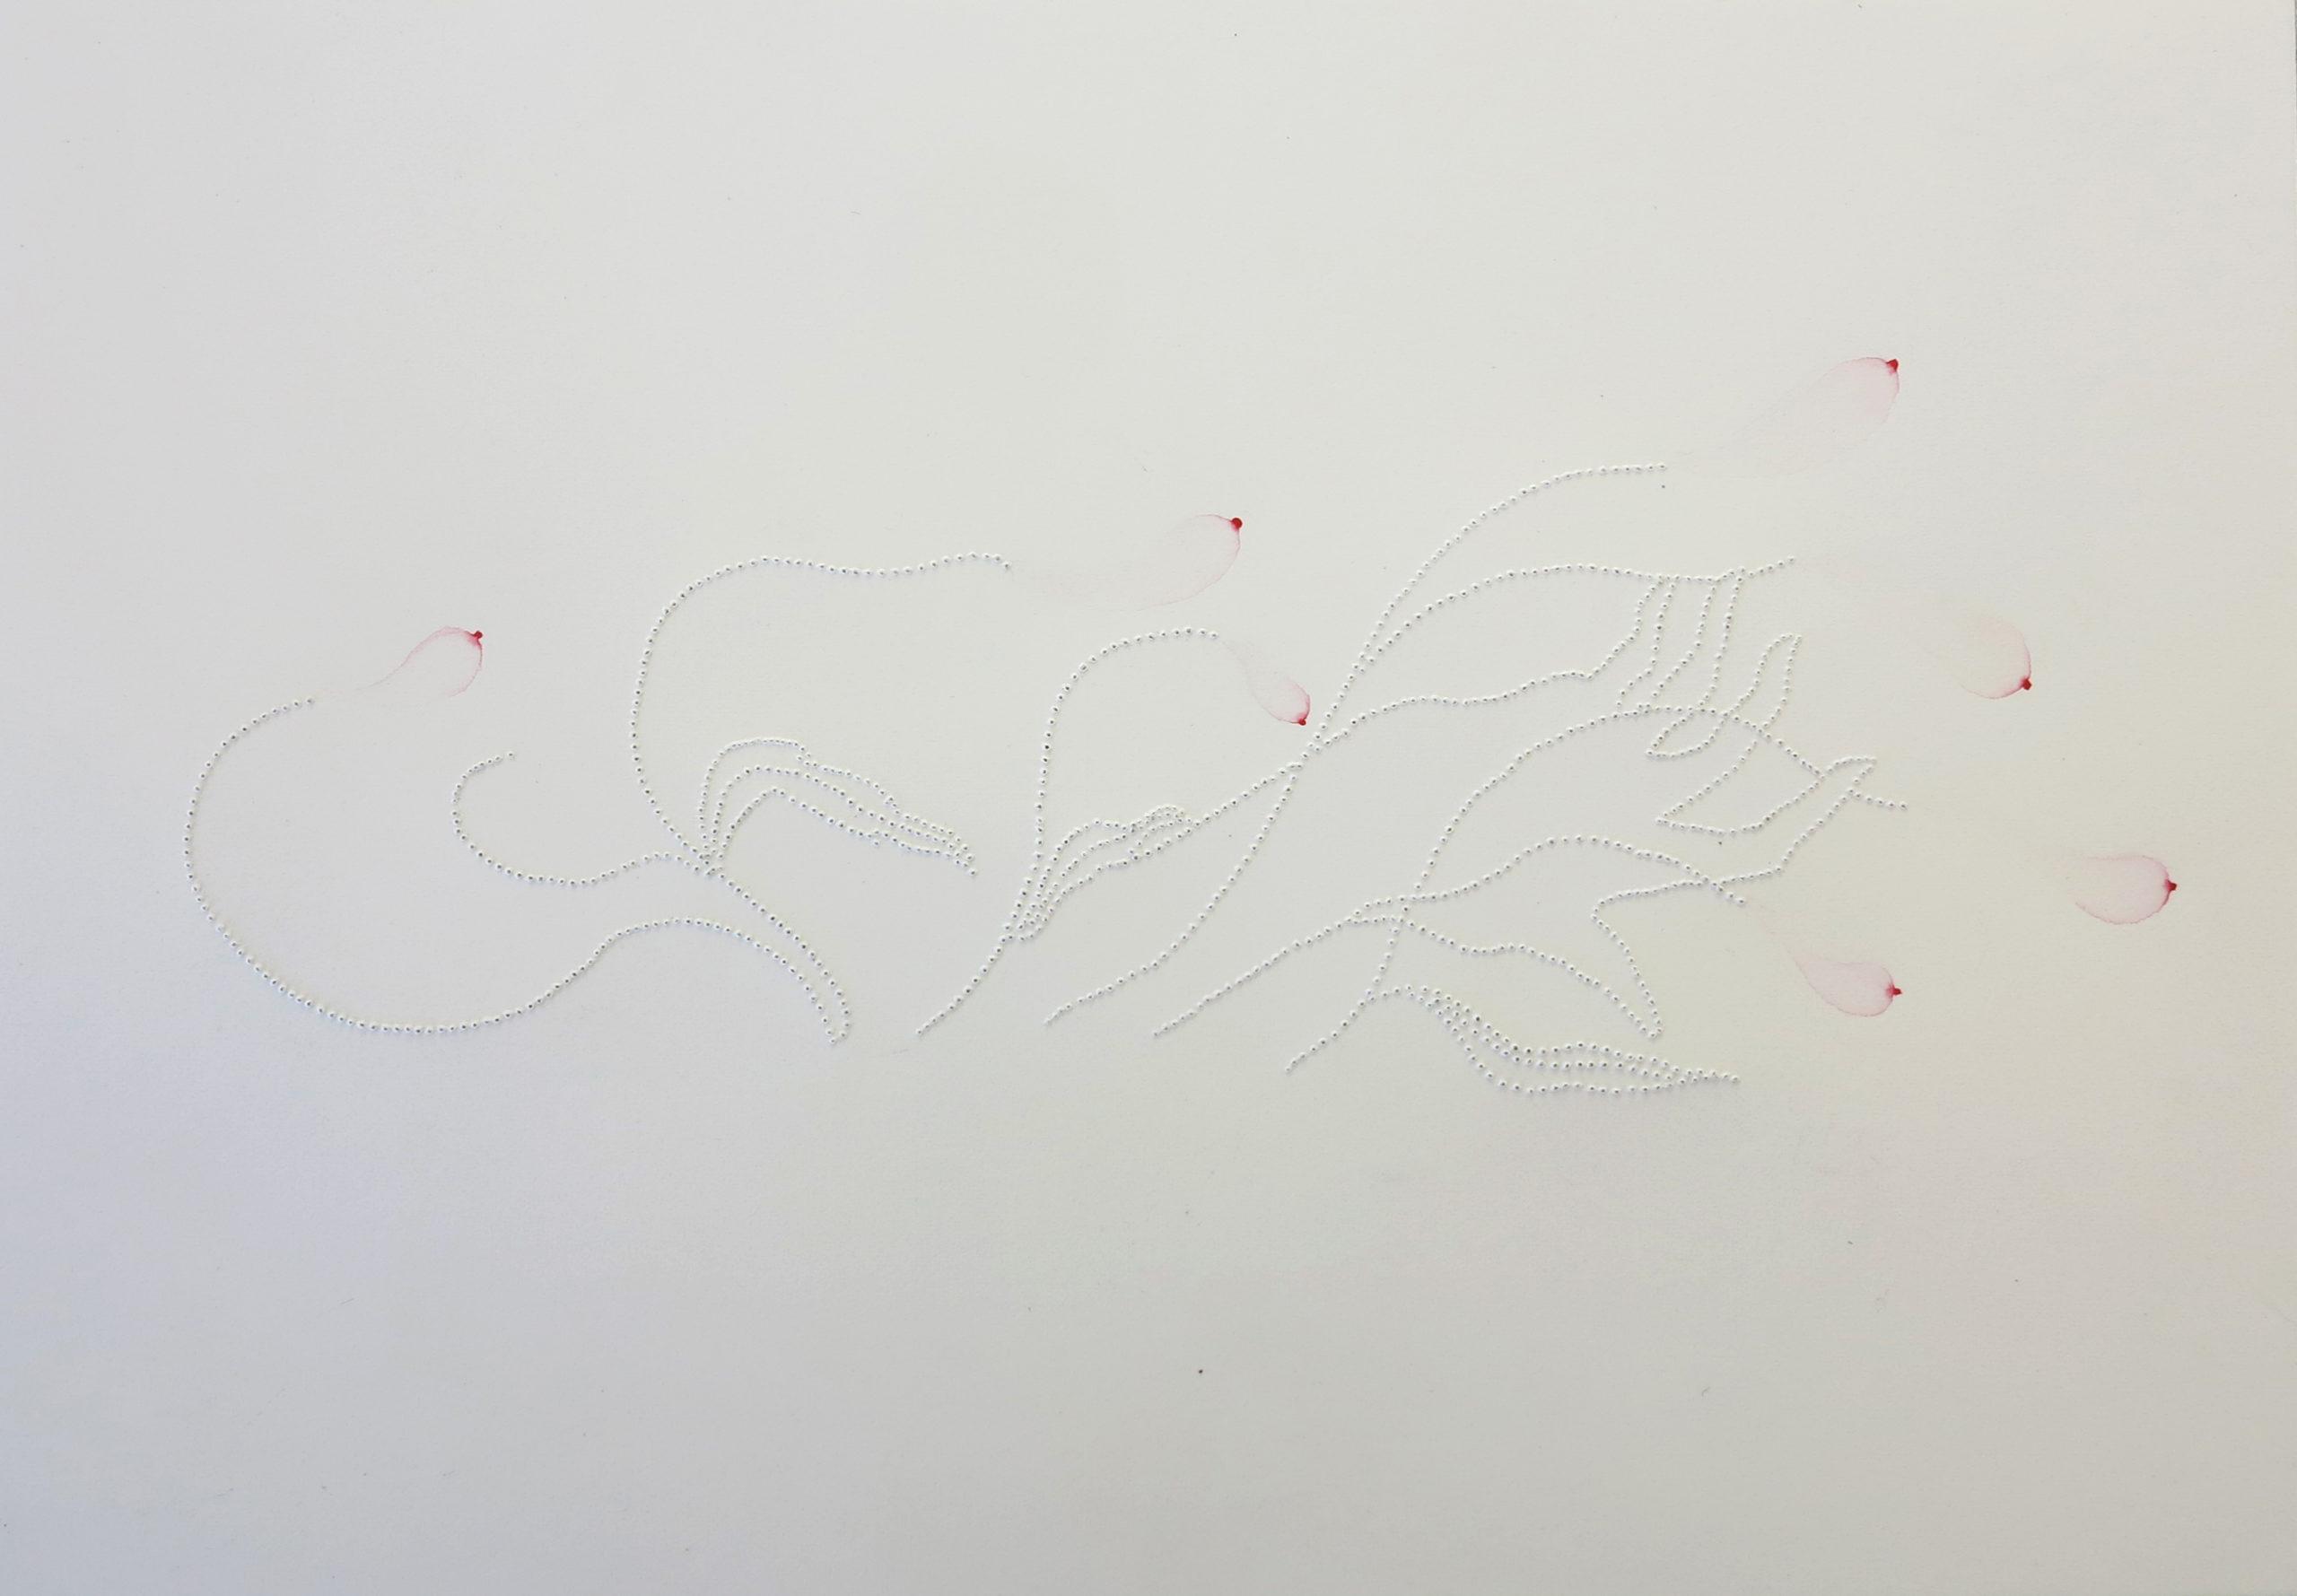 Les folles dans le vent, 2016, 18 x 26 cm